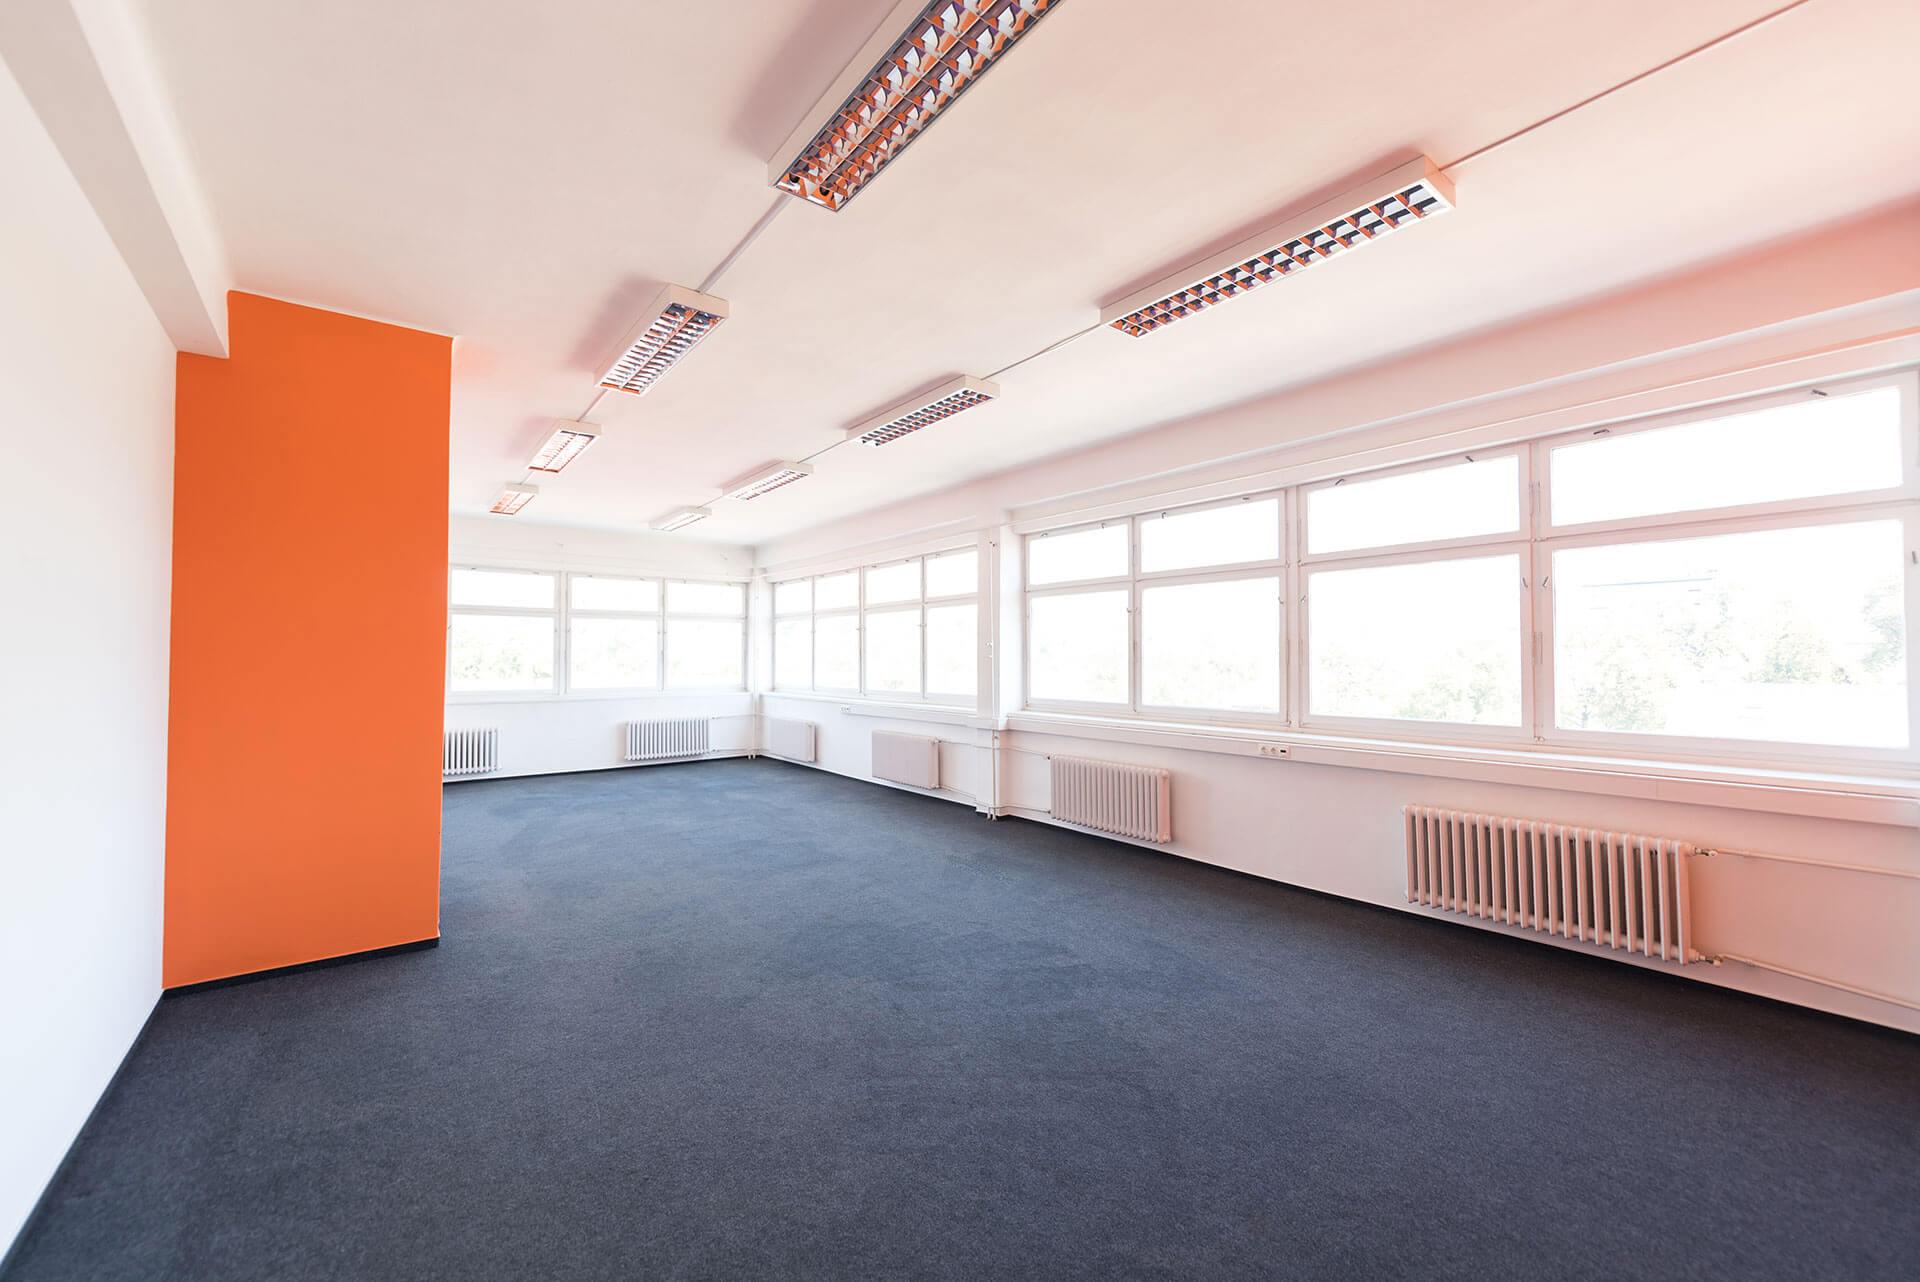 1089 Budapest, Üllői út 102. 10. épület kiadó iroda, loft iroda